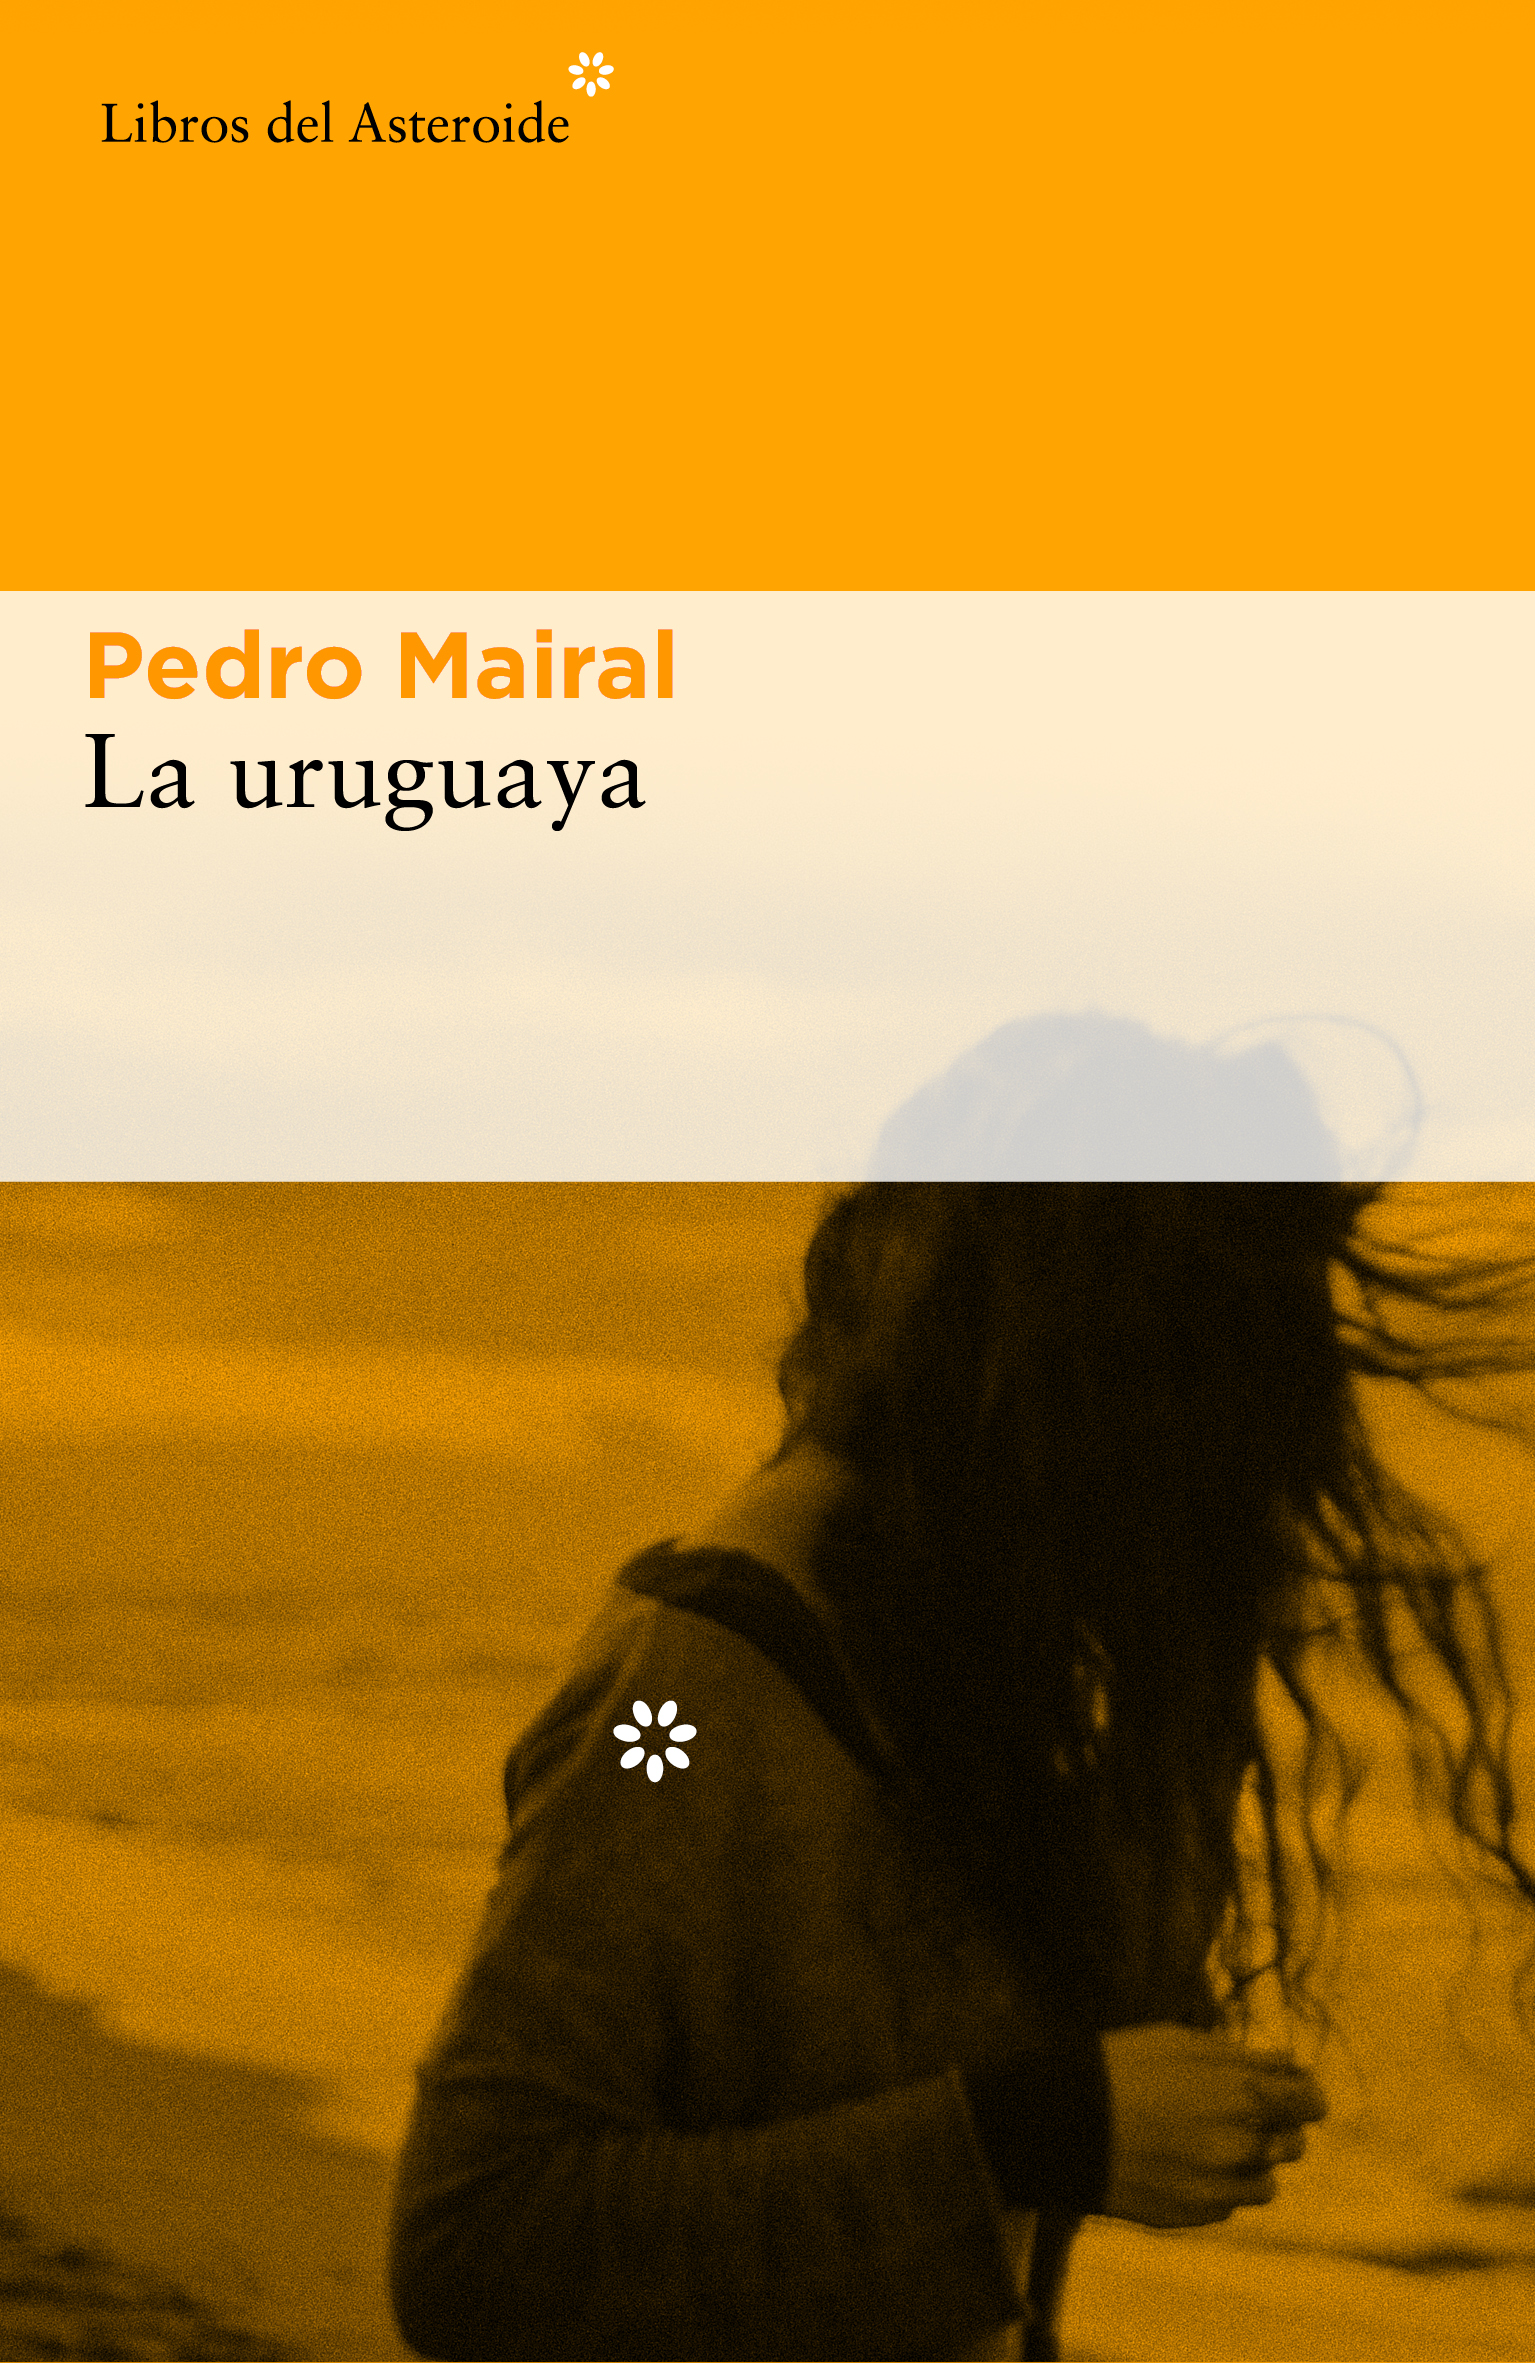 Imatge de la portada del llibre La uruguaya